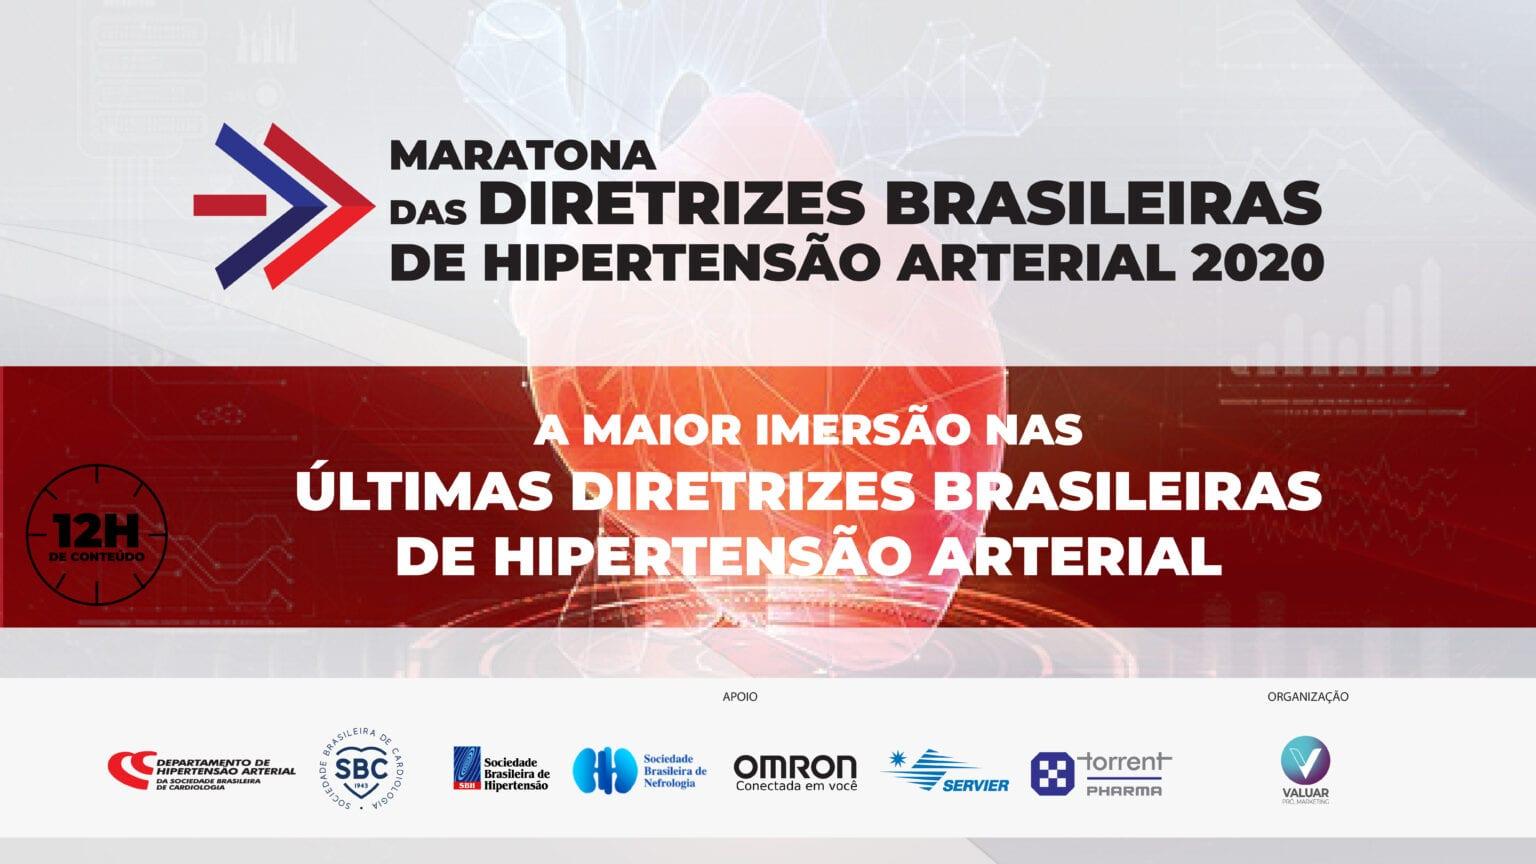 Abertura – Maratona das Diretrizes Brasileiras de Hipertensão Arterial 2020